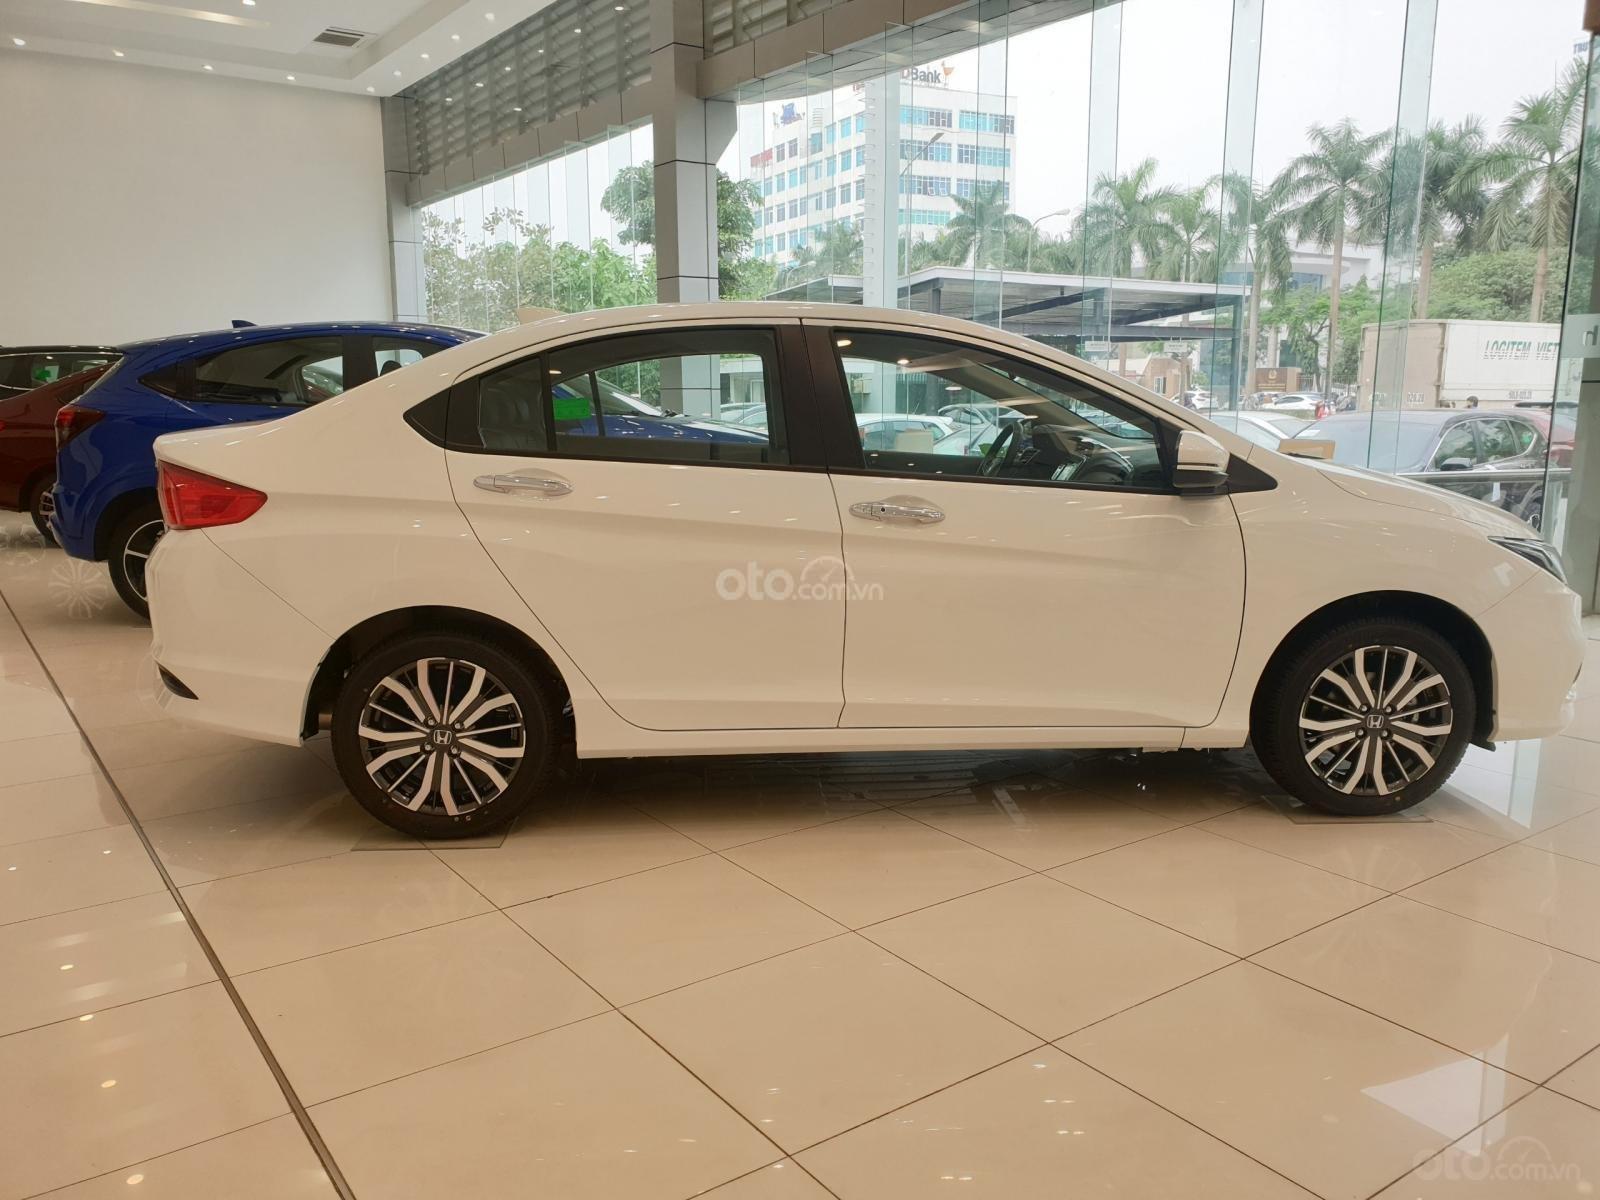 [Honda Kiên Giang] Honda City 2020 + ưu đãi cực khủng + hỗ trợ vay trả góp 80% + sẵn xe giao xe ngay (5)